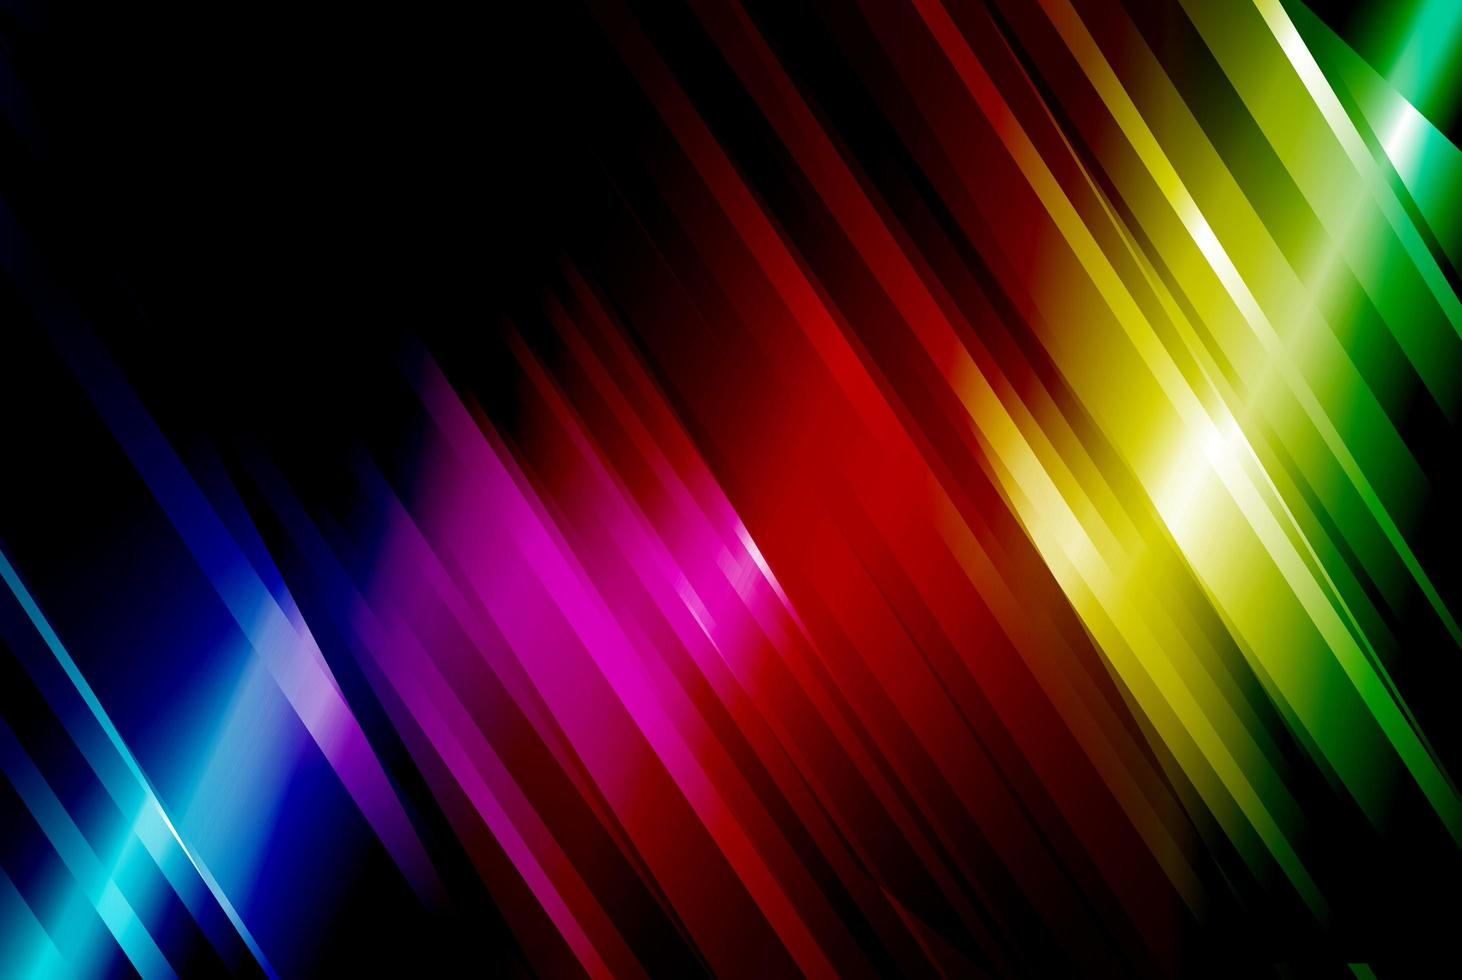 regenboog schuine lijn achtergrond vector